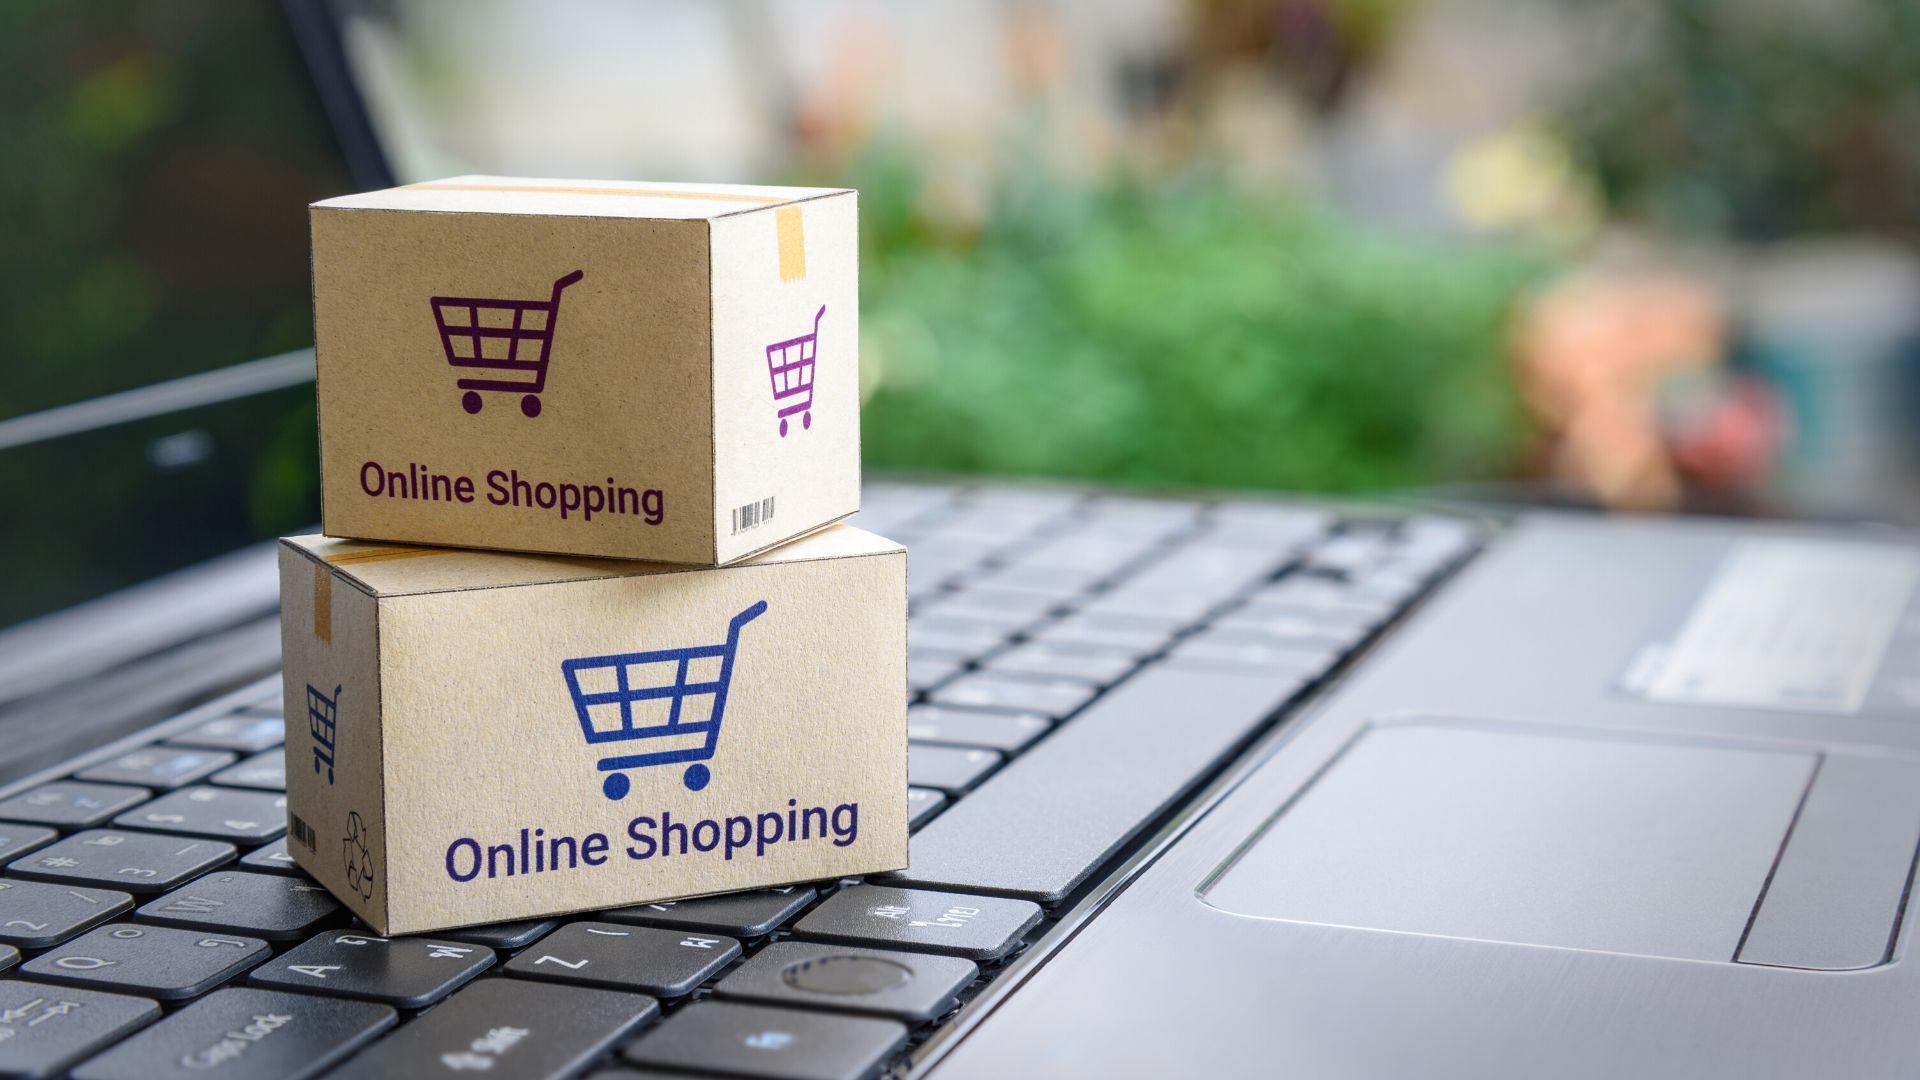 seo optimizacija za web shop